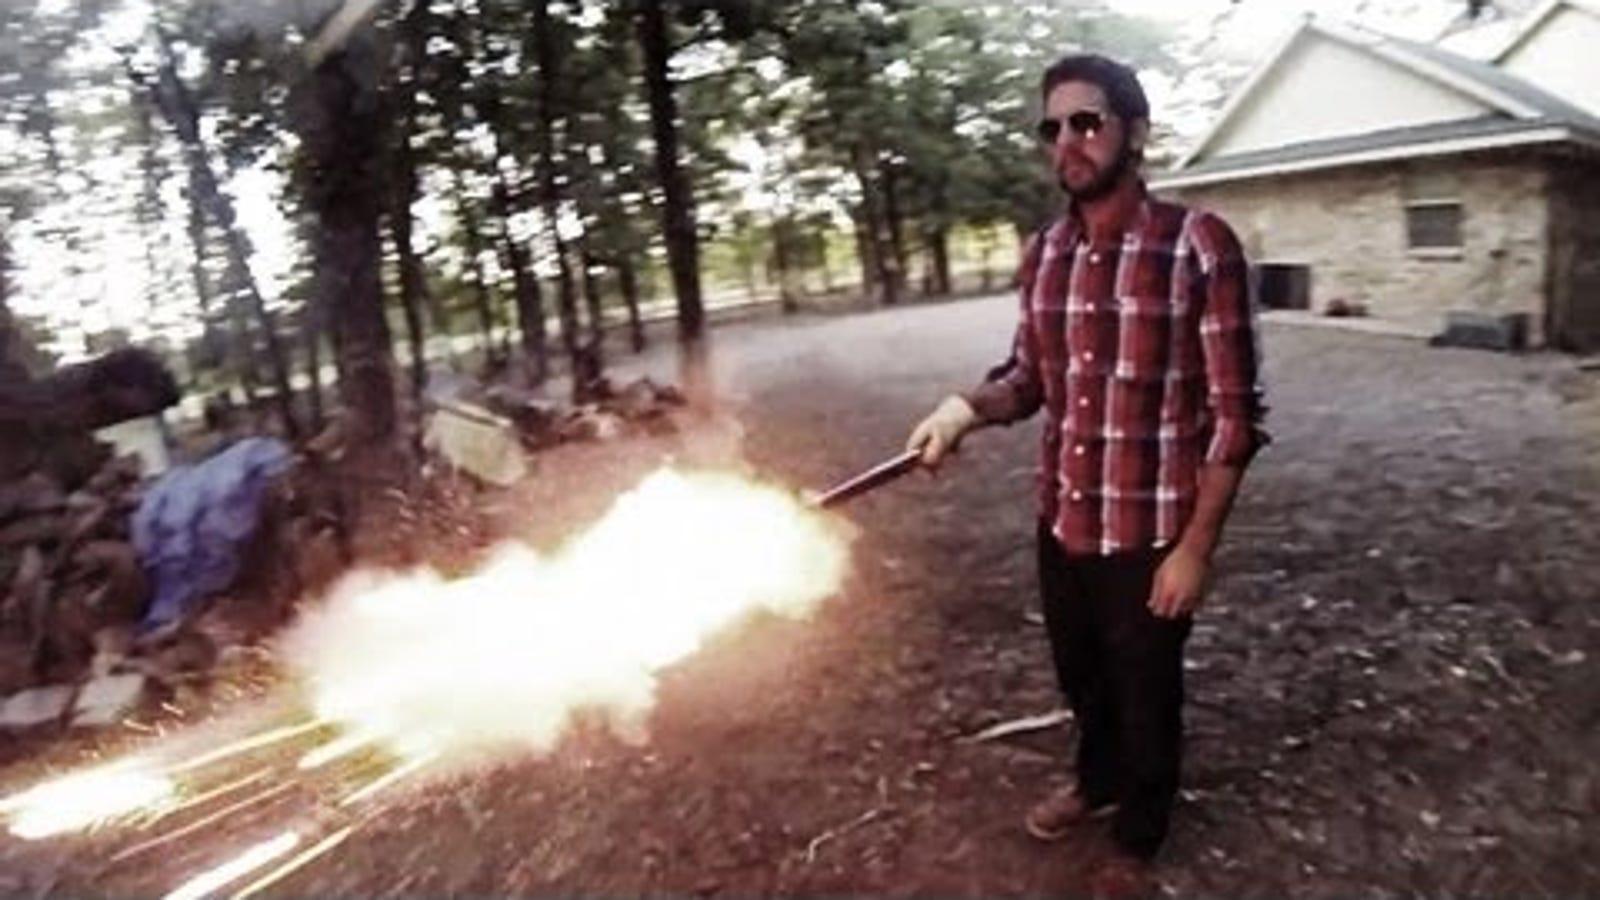 Cómo crear el efecto bala de Matrix con una cámara y un ventilador